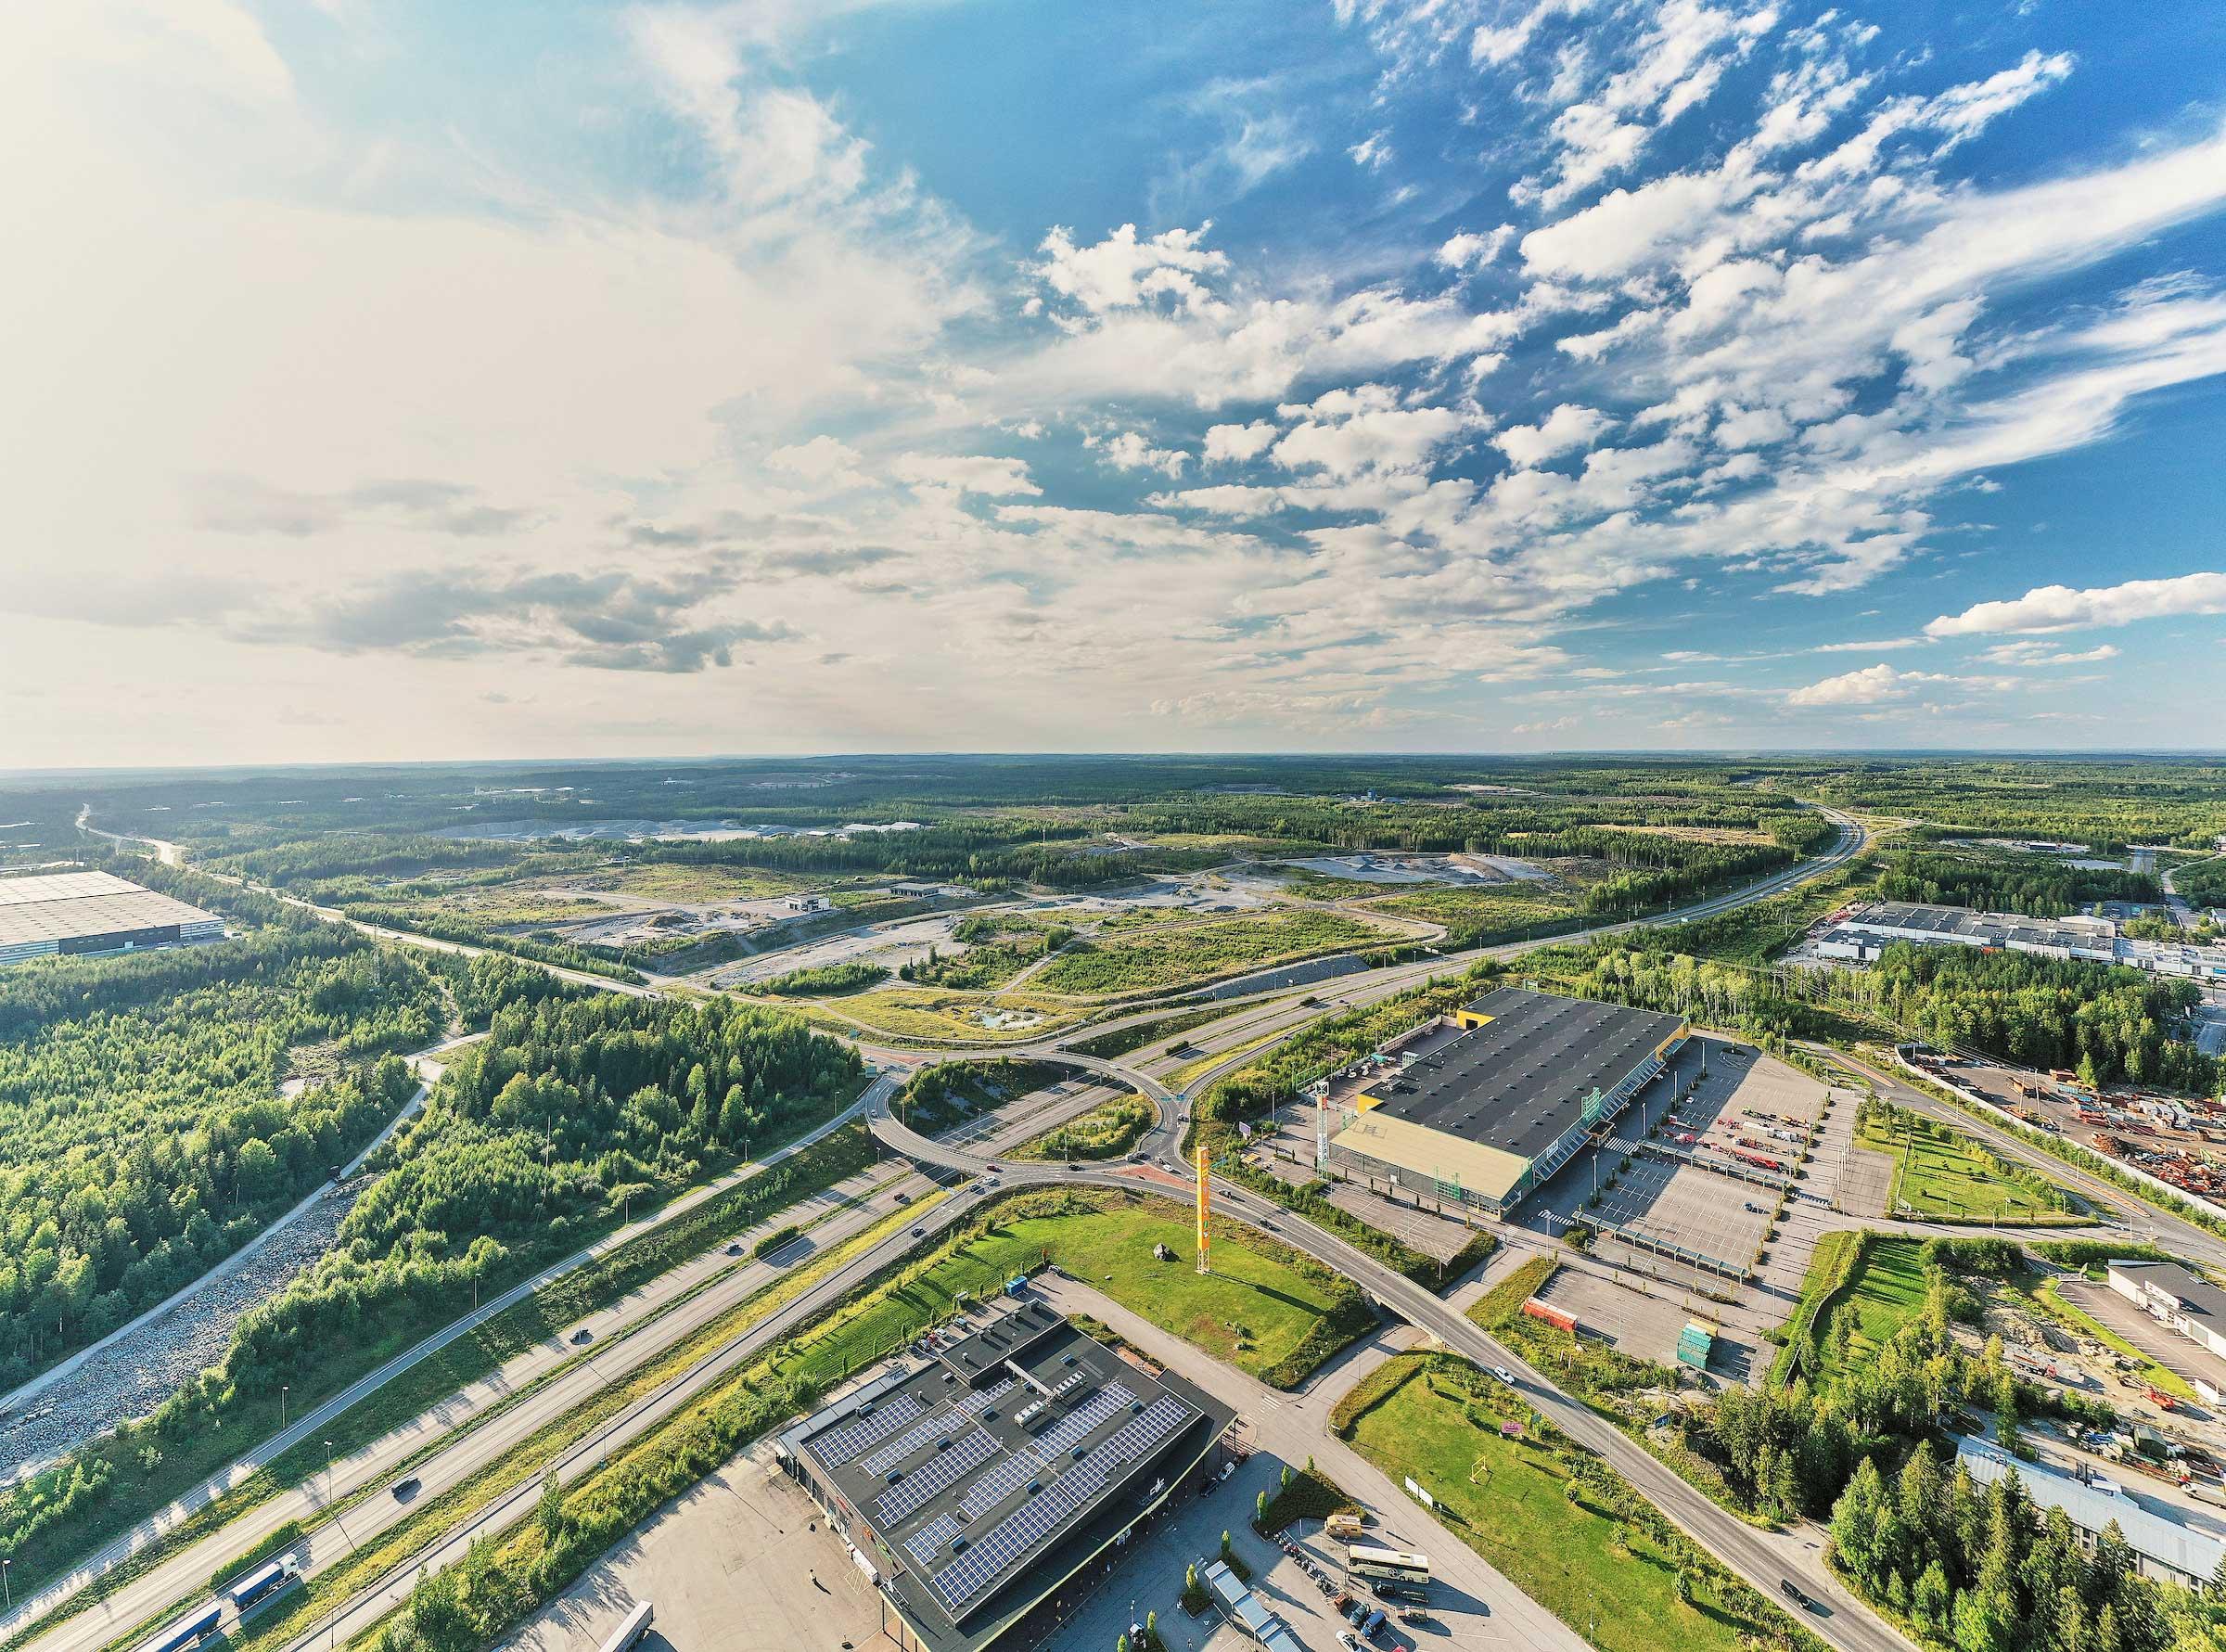 Kolmenkulman yritysalue sijaitsee valtaväylien risteysalueella.